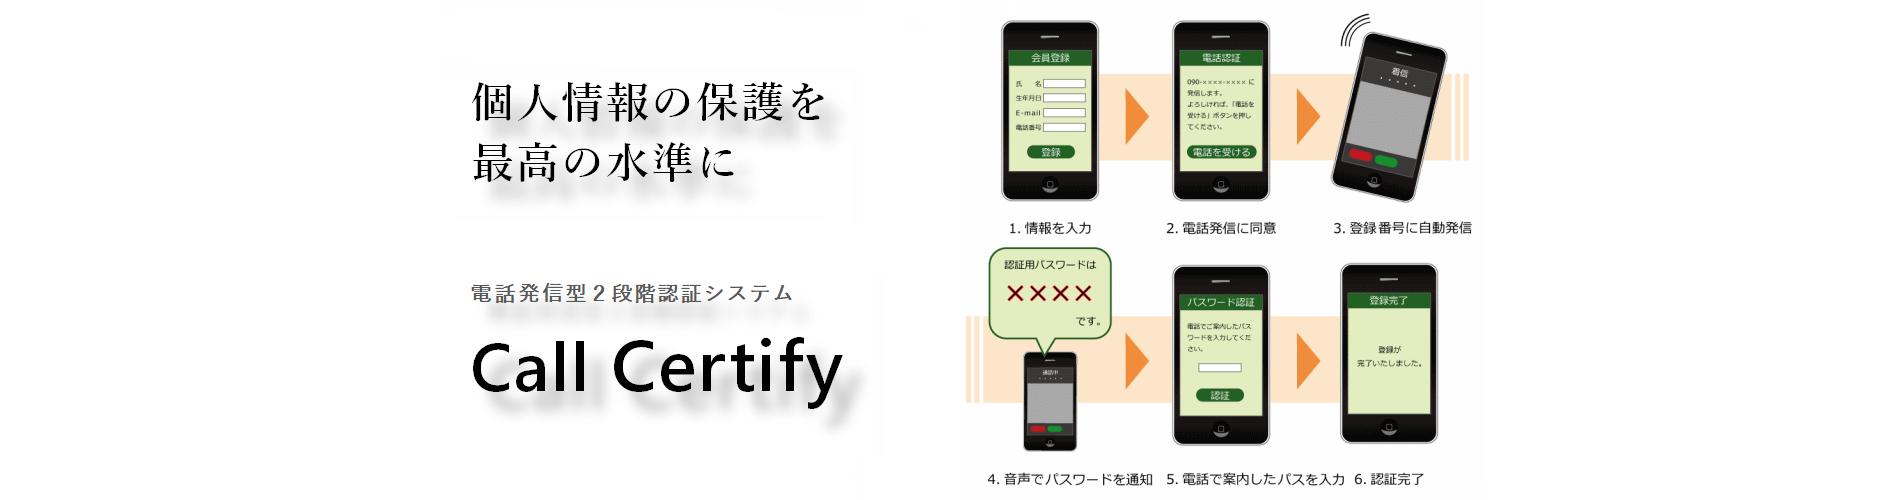 電話発信型2段階認証システム「CallCertify」